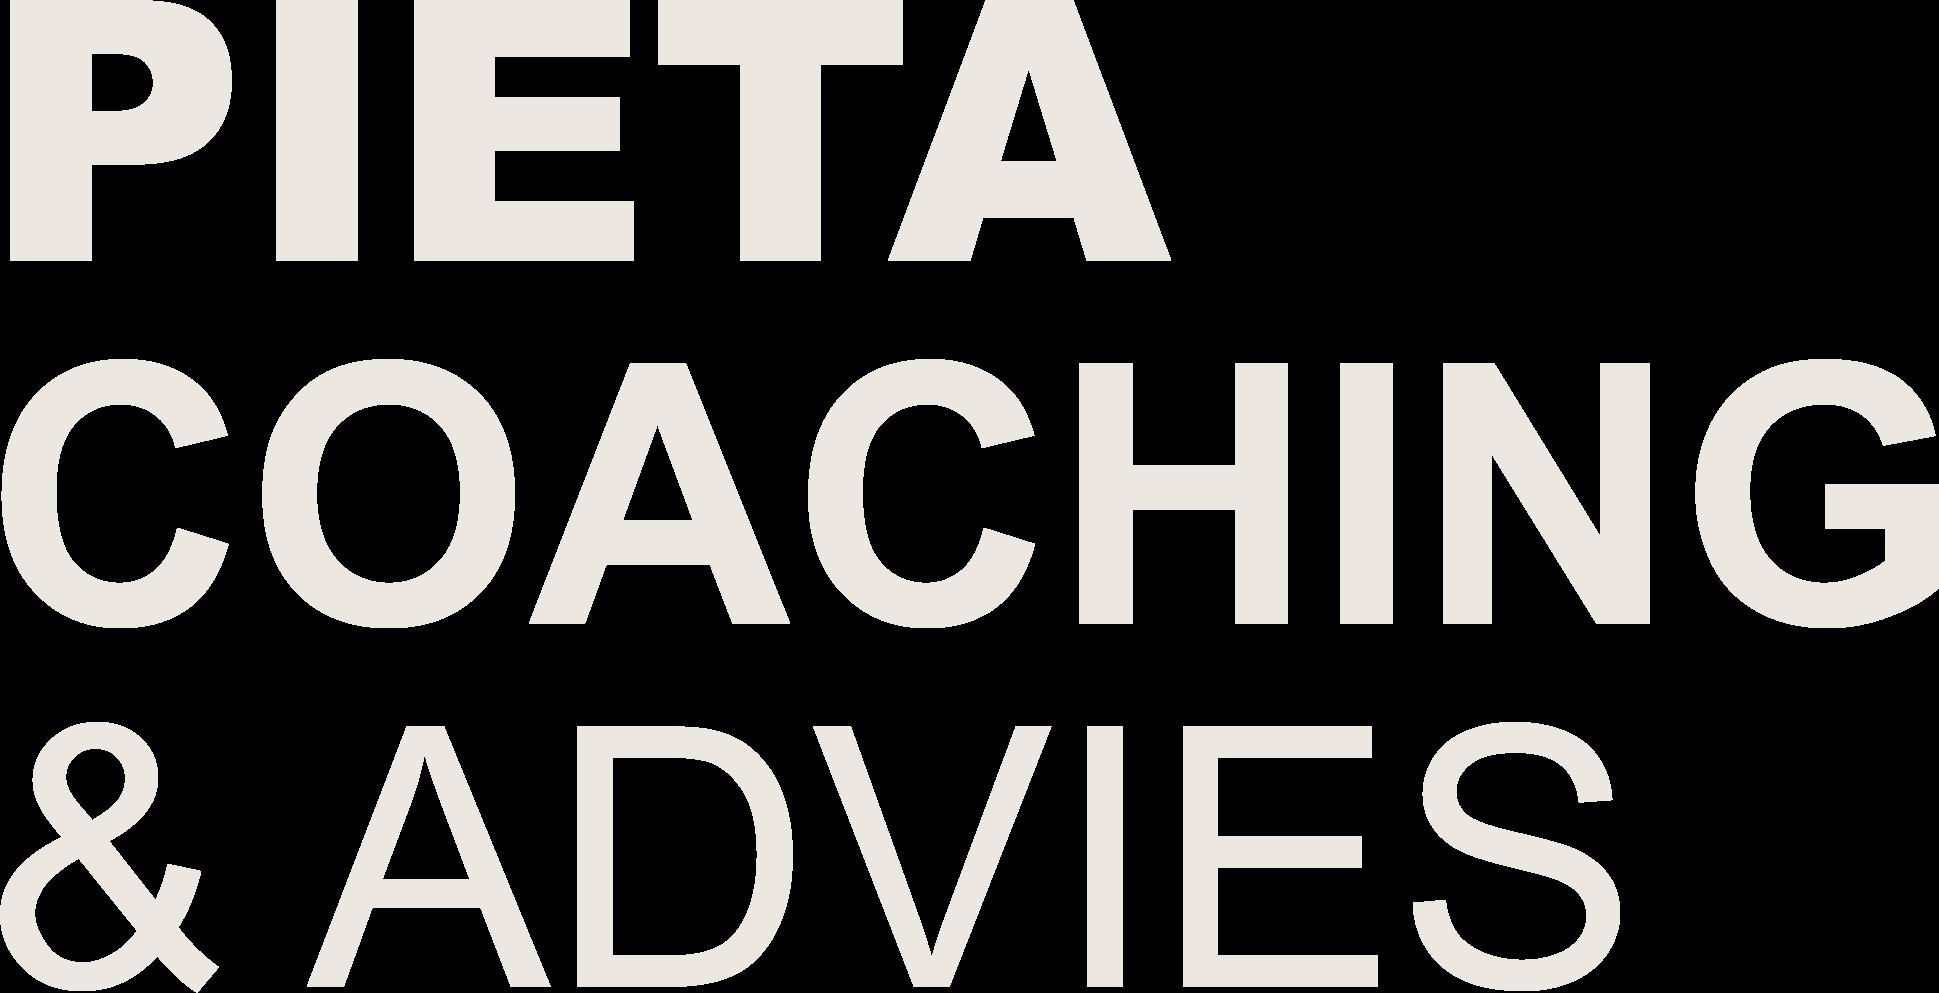 Pieta Coaching & Advies